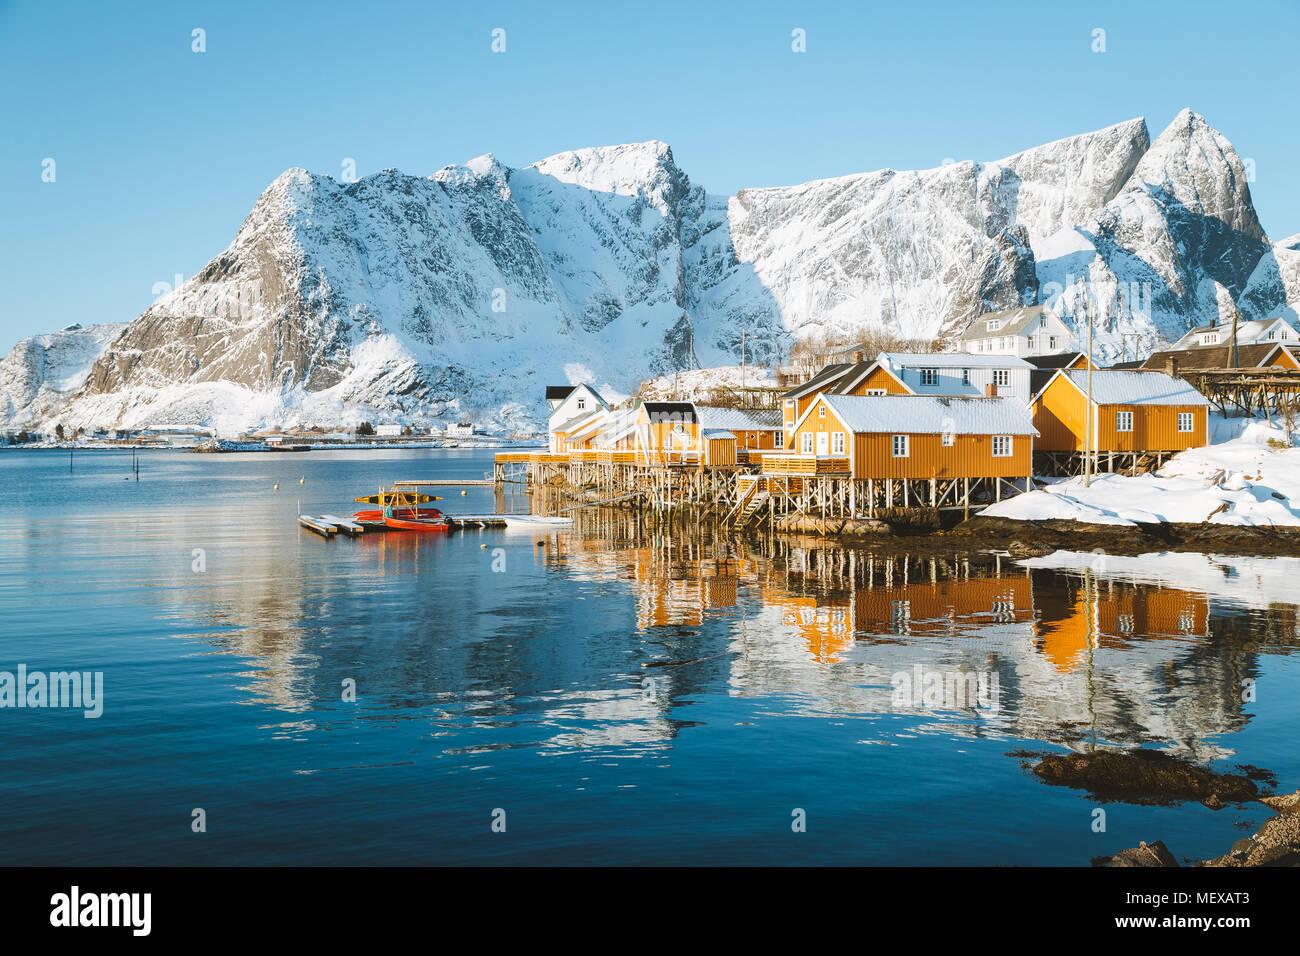 Malerische Lofoten Inseln Winterlandschaft mit traditionellen gelben fisherman Rorbuer Kabinen im historischen Dorf Sakrisoy, Norwegen Stockbild